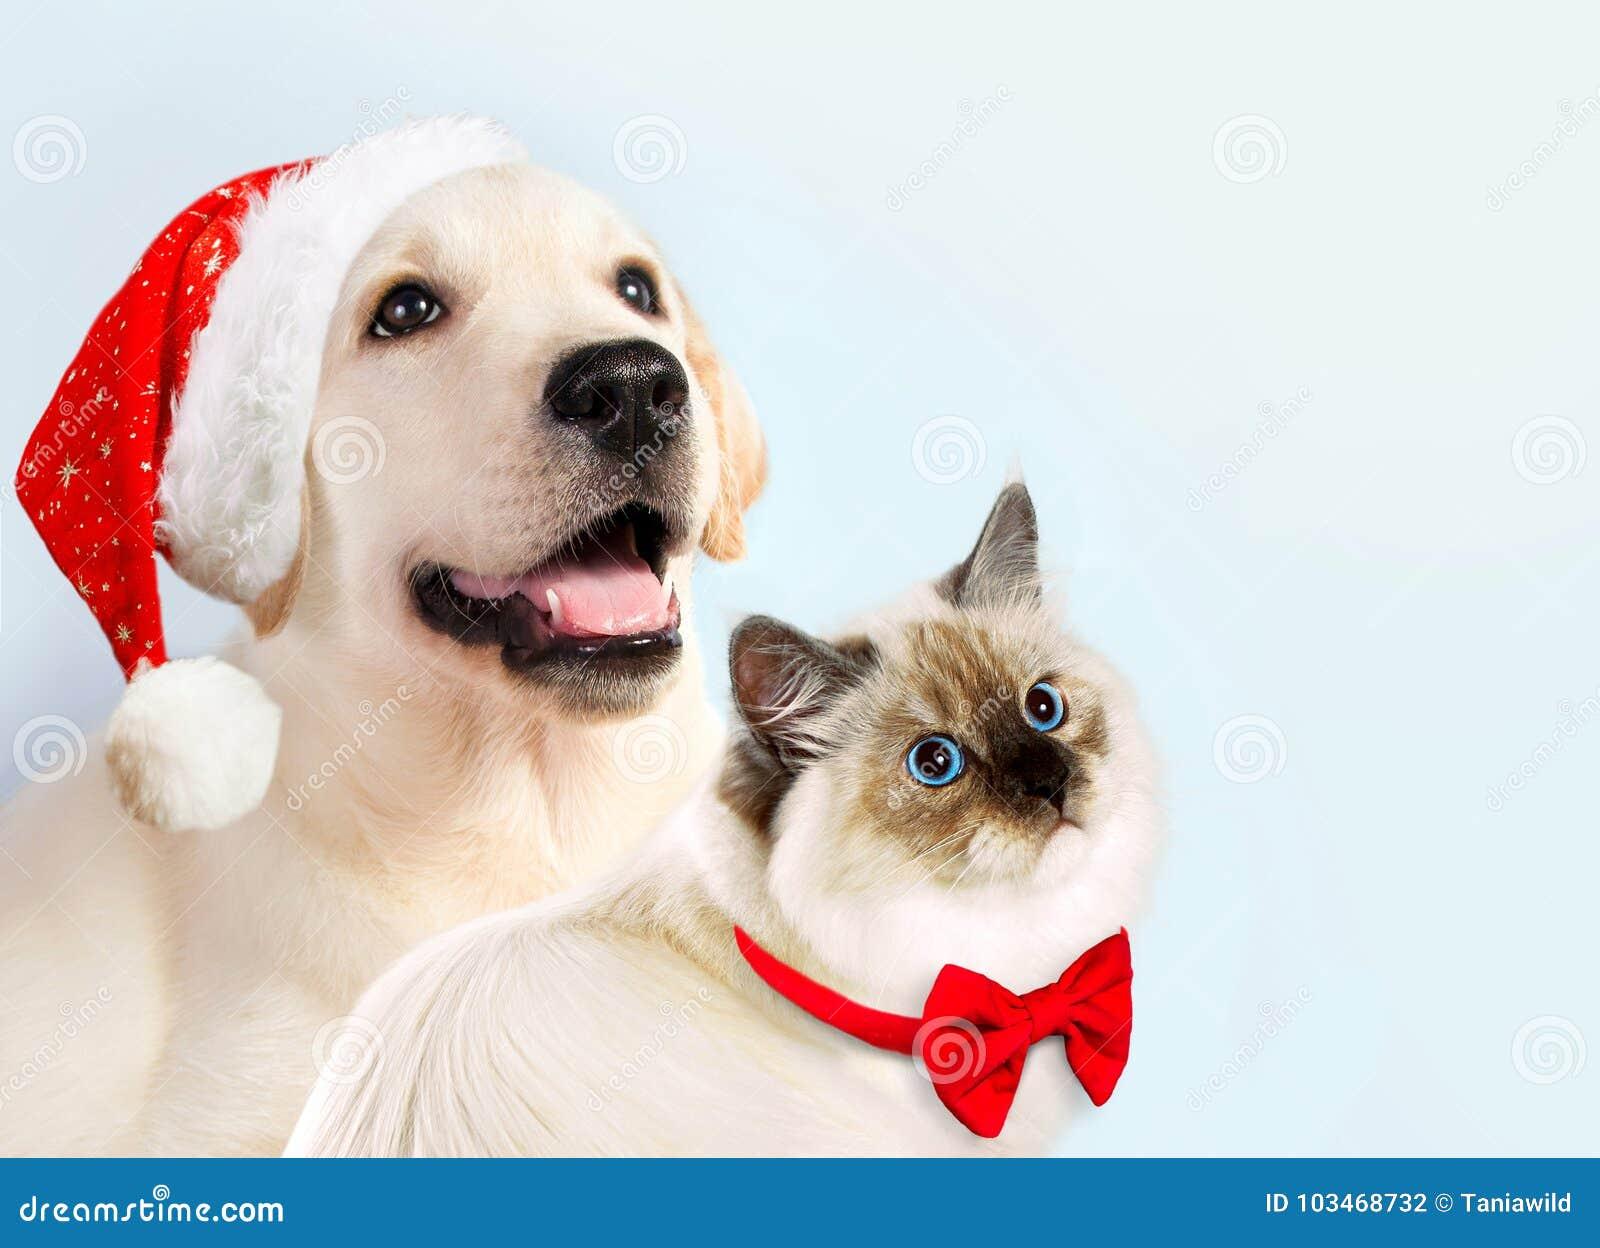 O gato e o cão junto, gatinho do disfarce do neva, golden retriever olham o direito Cachorrinho com chapéu e curva do Natal Modo